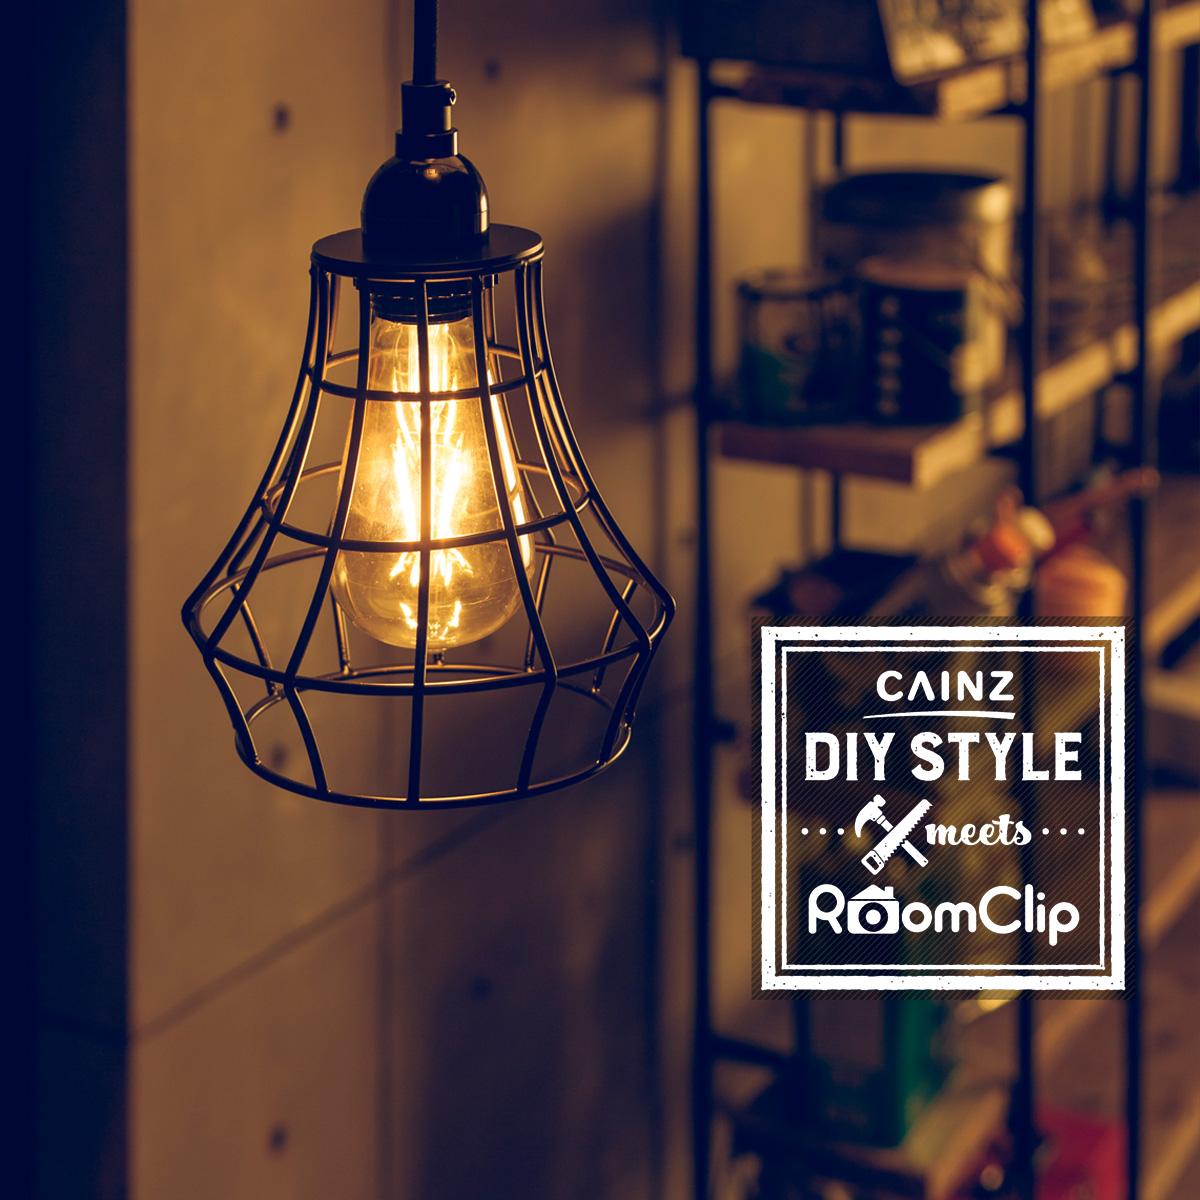 【無料モニター】カインズ×RoomClip 第四弾!DIYをステキに照らす「照明」を使いたい方募集!